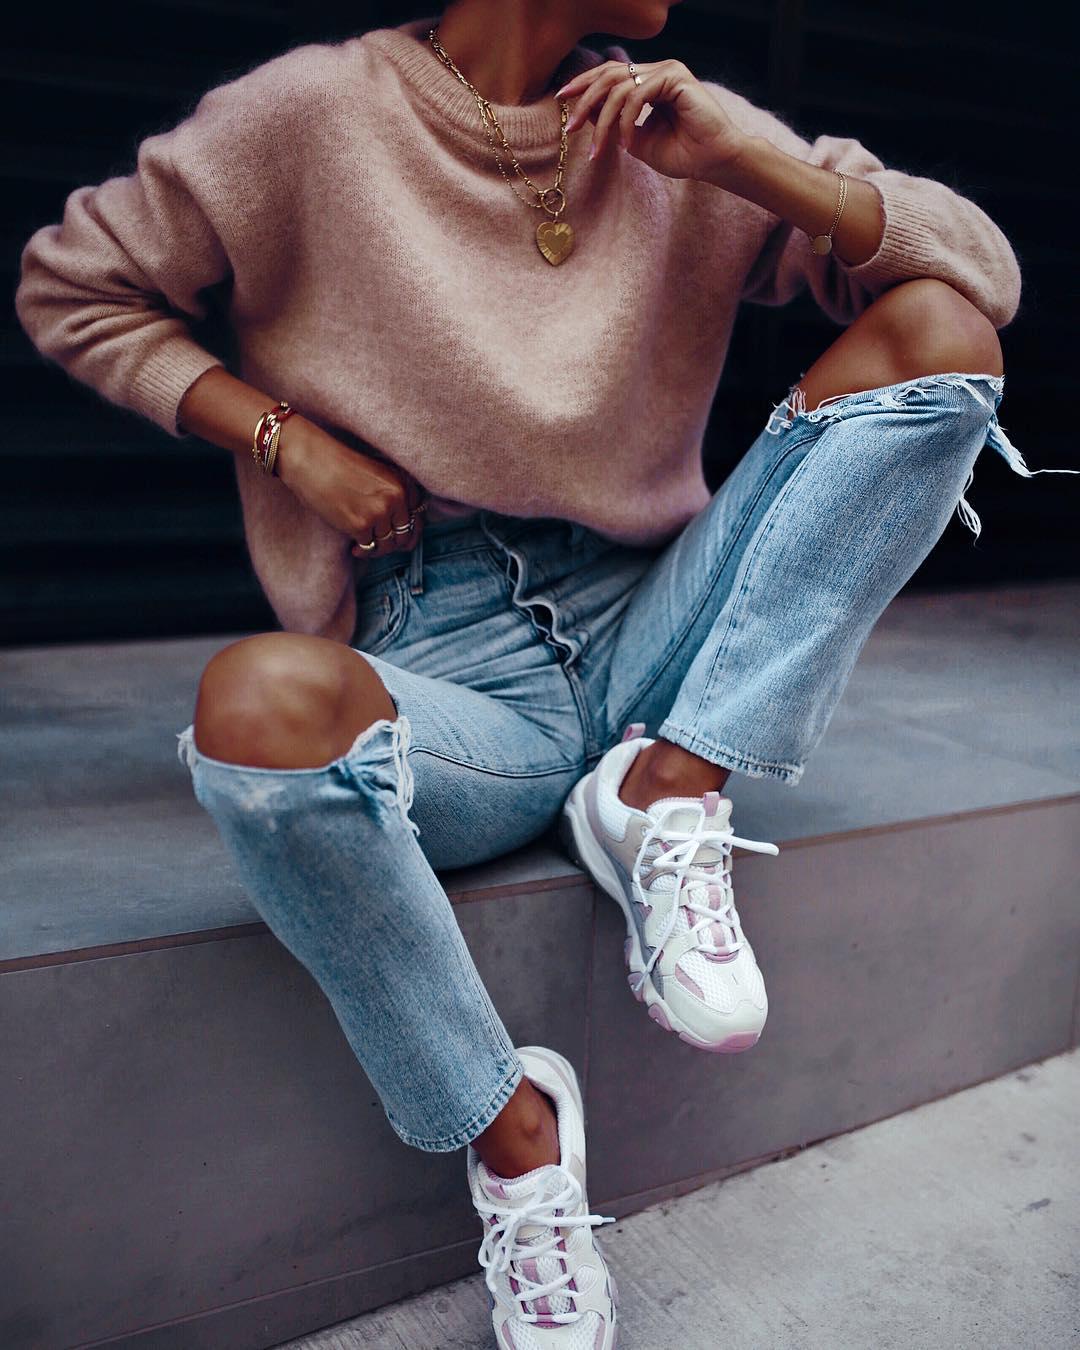 джинсы с кроссовками и кедами фото 10